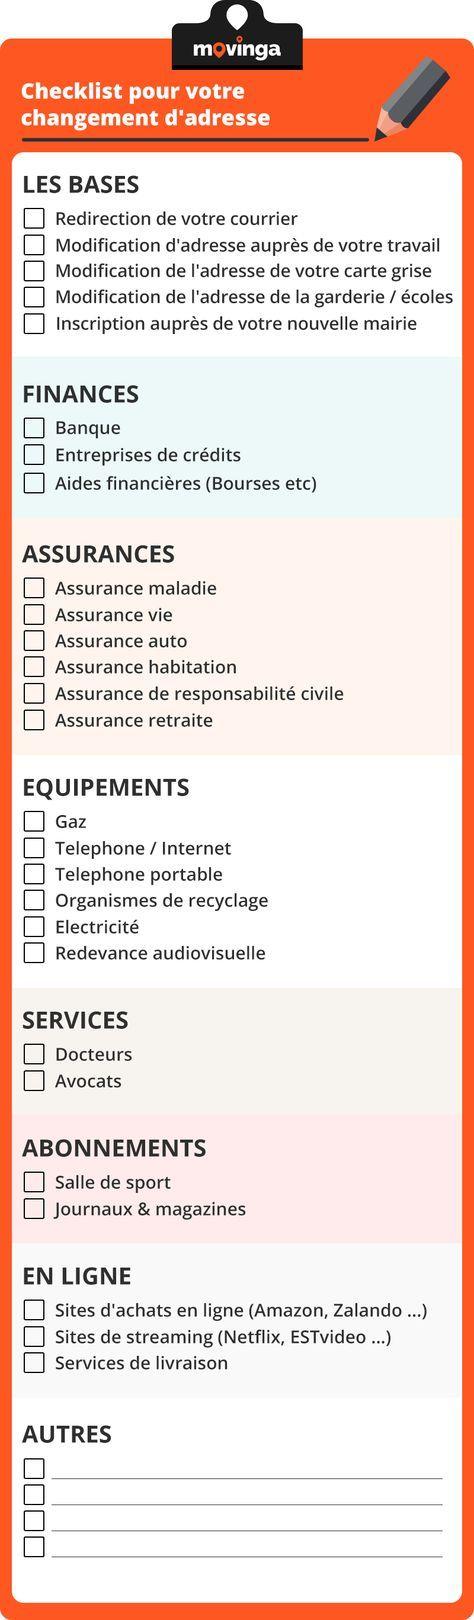 La Check List Indispensable Pour Votre Changement D Adresse